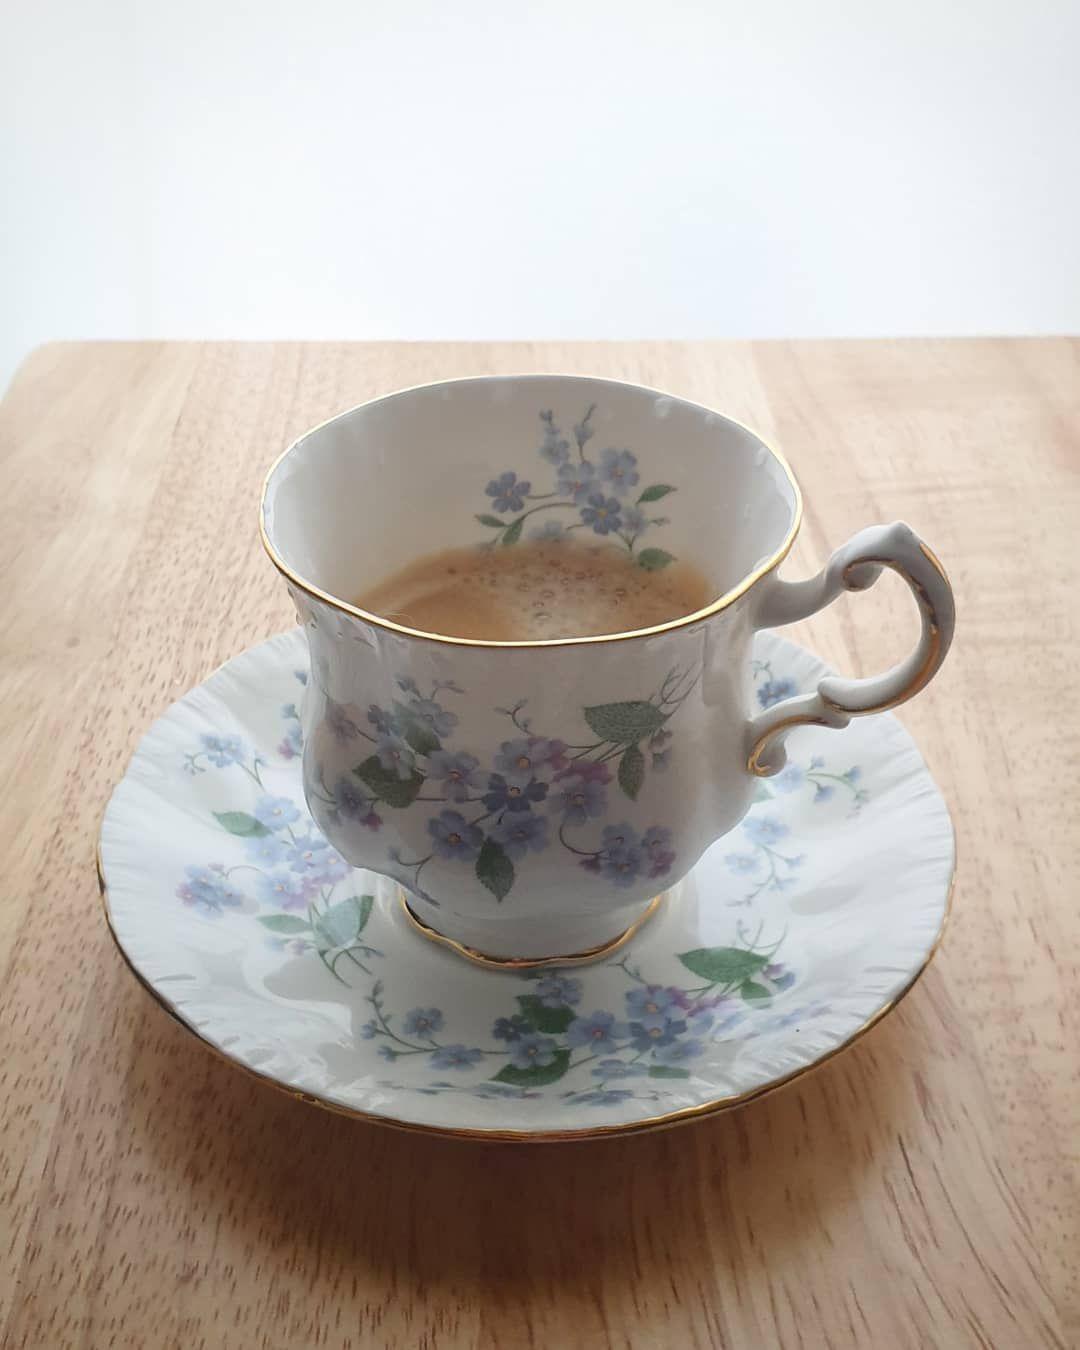 굿모닝, 좋은 아침.  좀 시원한 아침이라 따뜻한 룽고로 카페인 충전. 낮에는 역시 아-아겠지만.   Diane_at_home  chez_diane  teatable  something_Diane_ate  coffee  커피  에스프레소  espresso  네스프레소  nespresso  yummy  tasty  delicious  instafood  먹스타그램  맛스타그램  파라곤  Paragon  앤틱찻잔  빈티지찻잔  antique  일상  일상스타그램 #espressoathome 굿모닝, 좋은 아침.  좀 시원한 아침이라 따뜻한 룽� #espressoathome